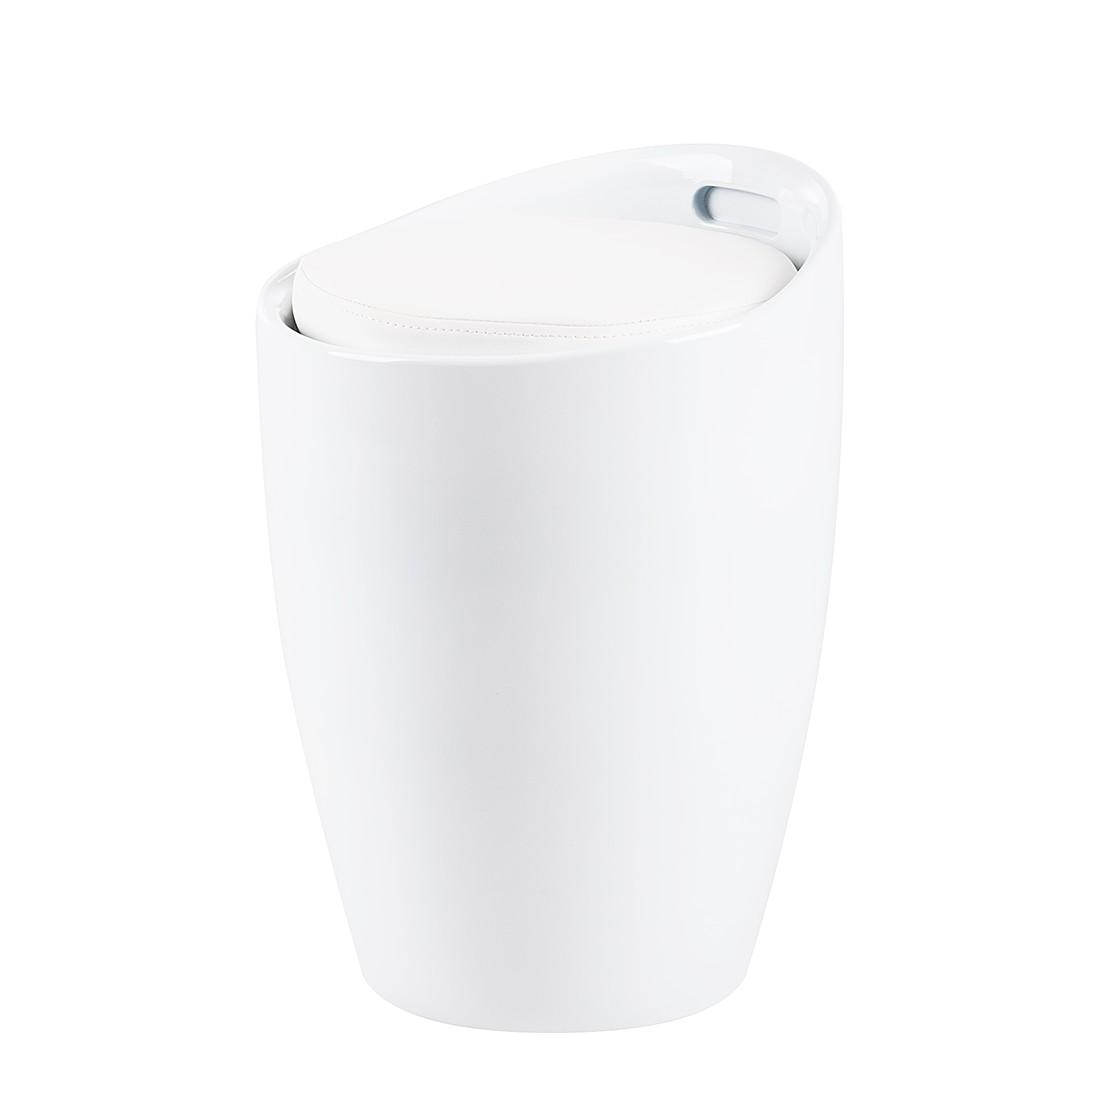 Hocker Honolulu – Kunststoff/Kunstleder – Weiß/Weiß, Fredriks jetzt kaufen